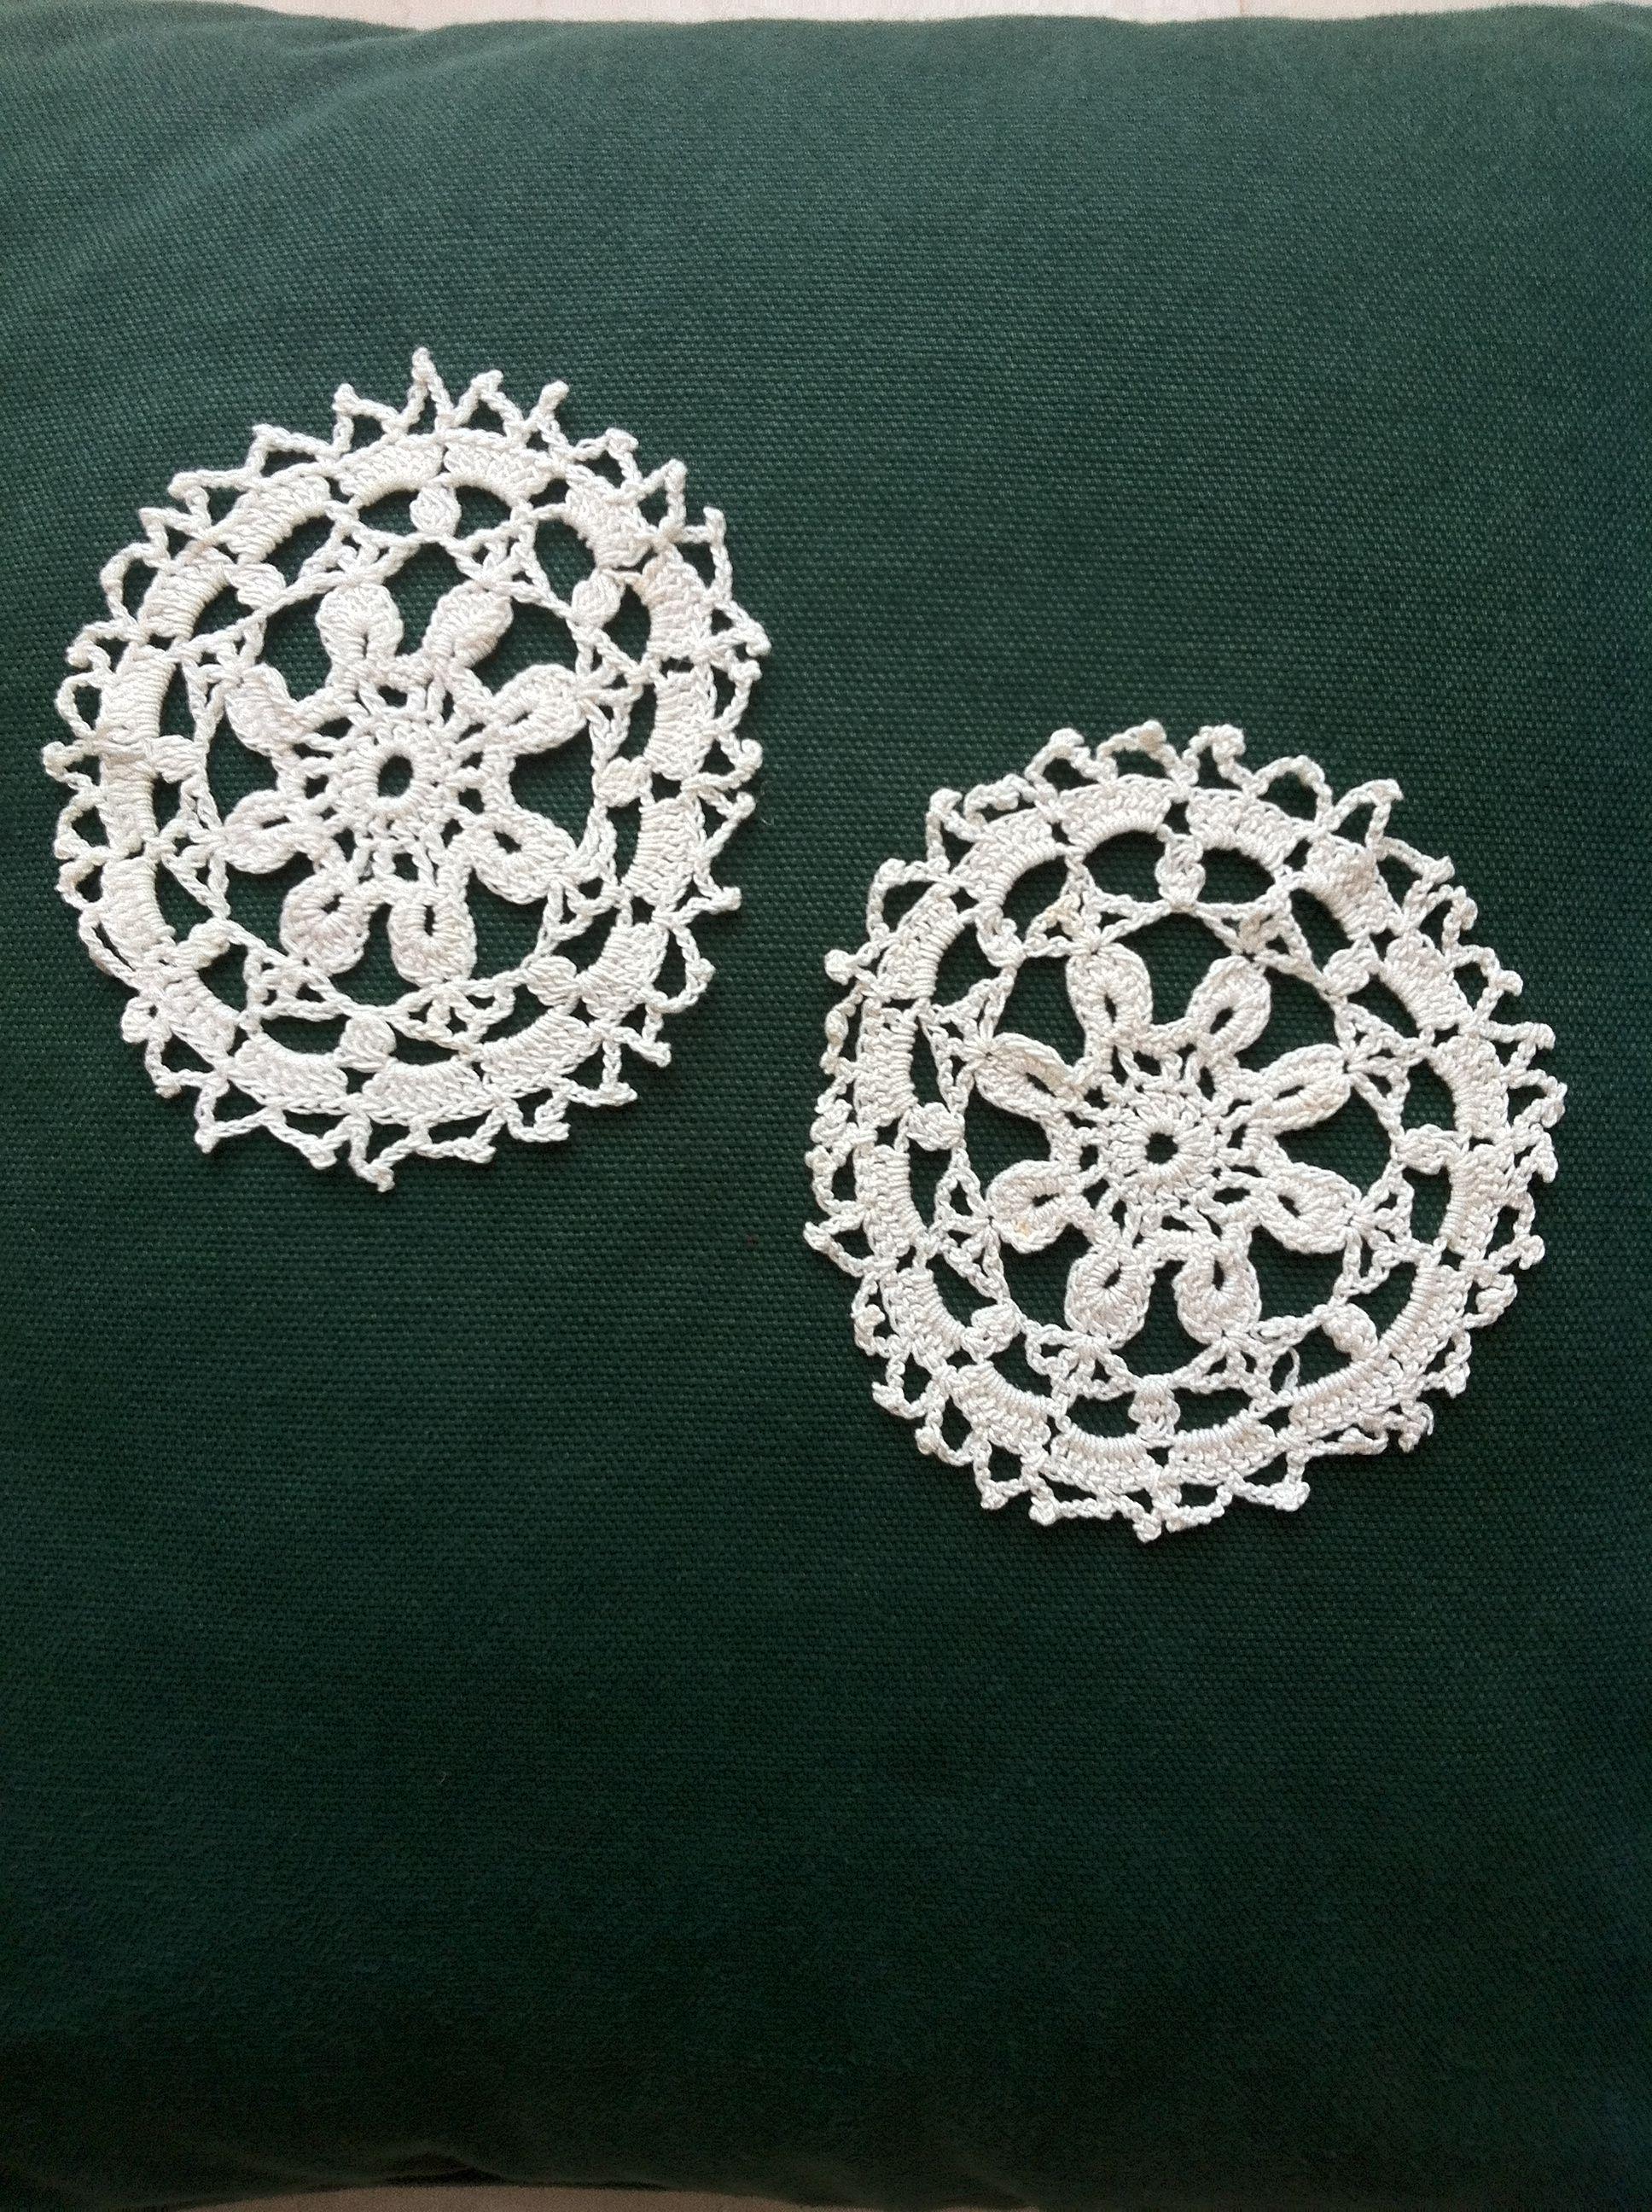 Crochet Coasters : Crochet - Coasters knit.crochet - coasters Pinterest